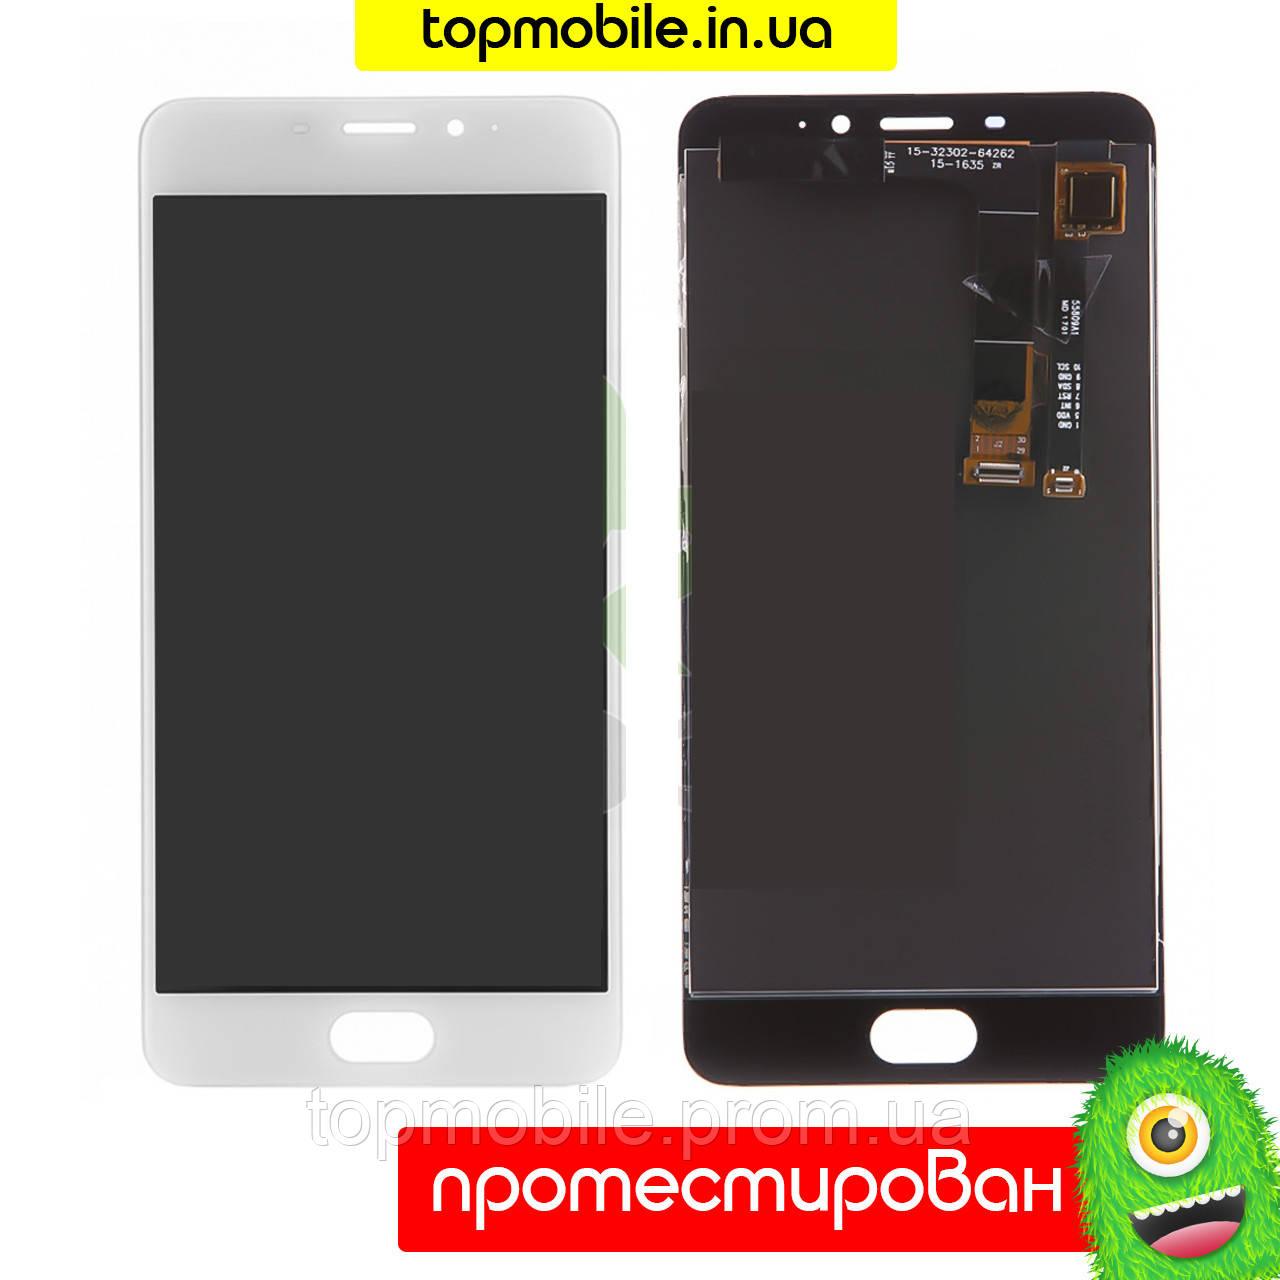 """Модуль Meizu M3e A680H (дисплей + touchscreen) белый HC - Магазин-склад """"TOP Mobile"""" - товары оптом и в розницу. в Днепре"""